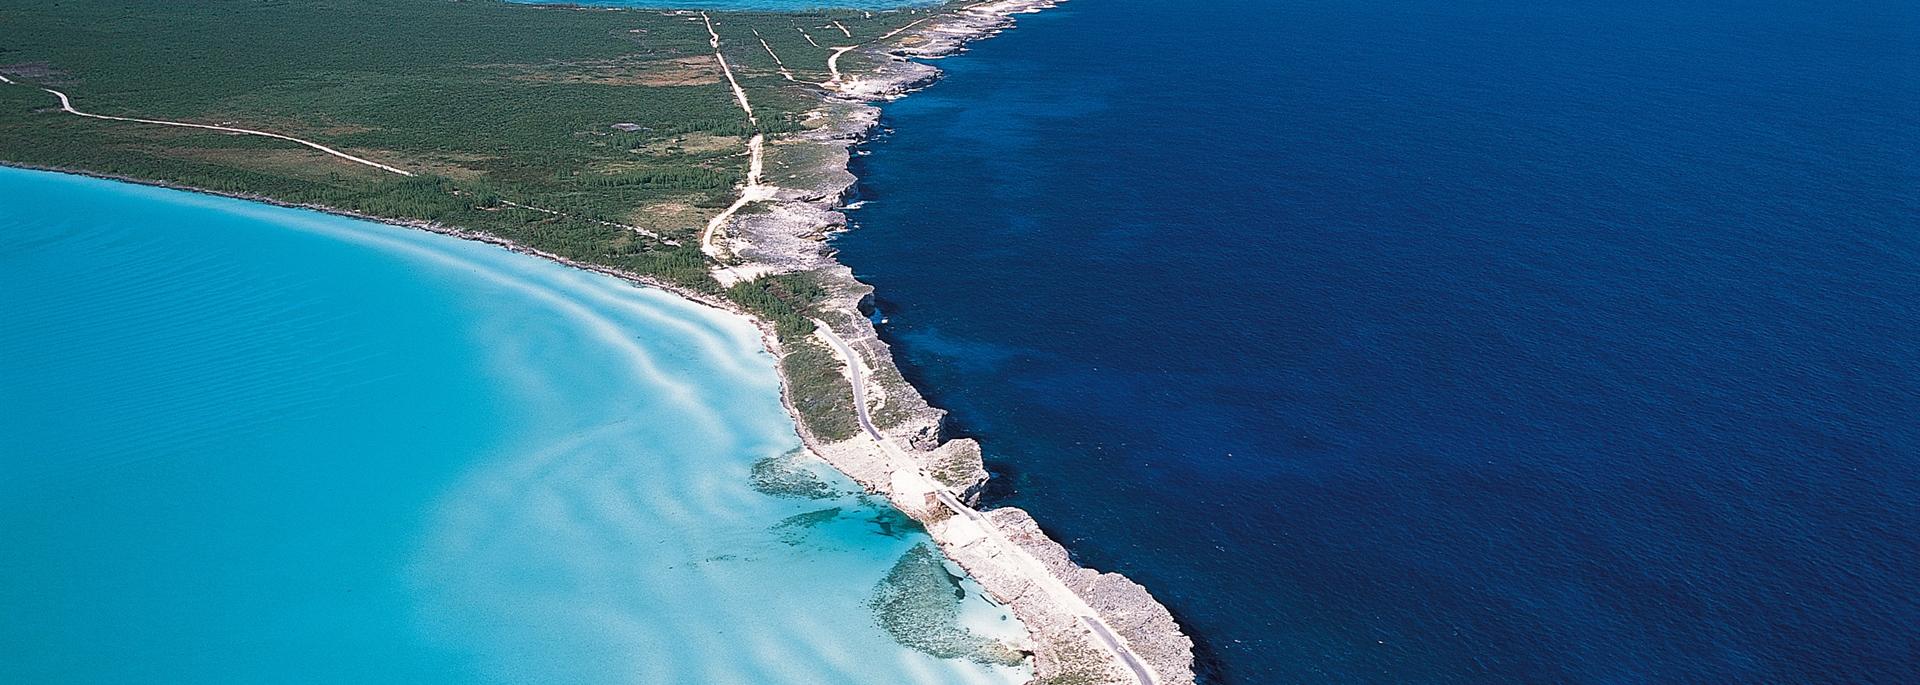 Arrial View of Island & Ocean